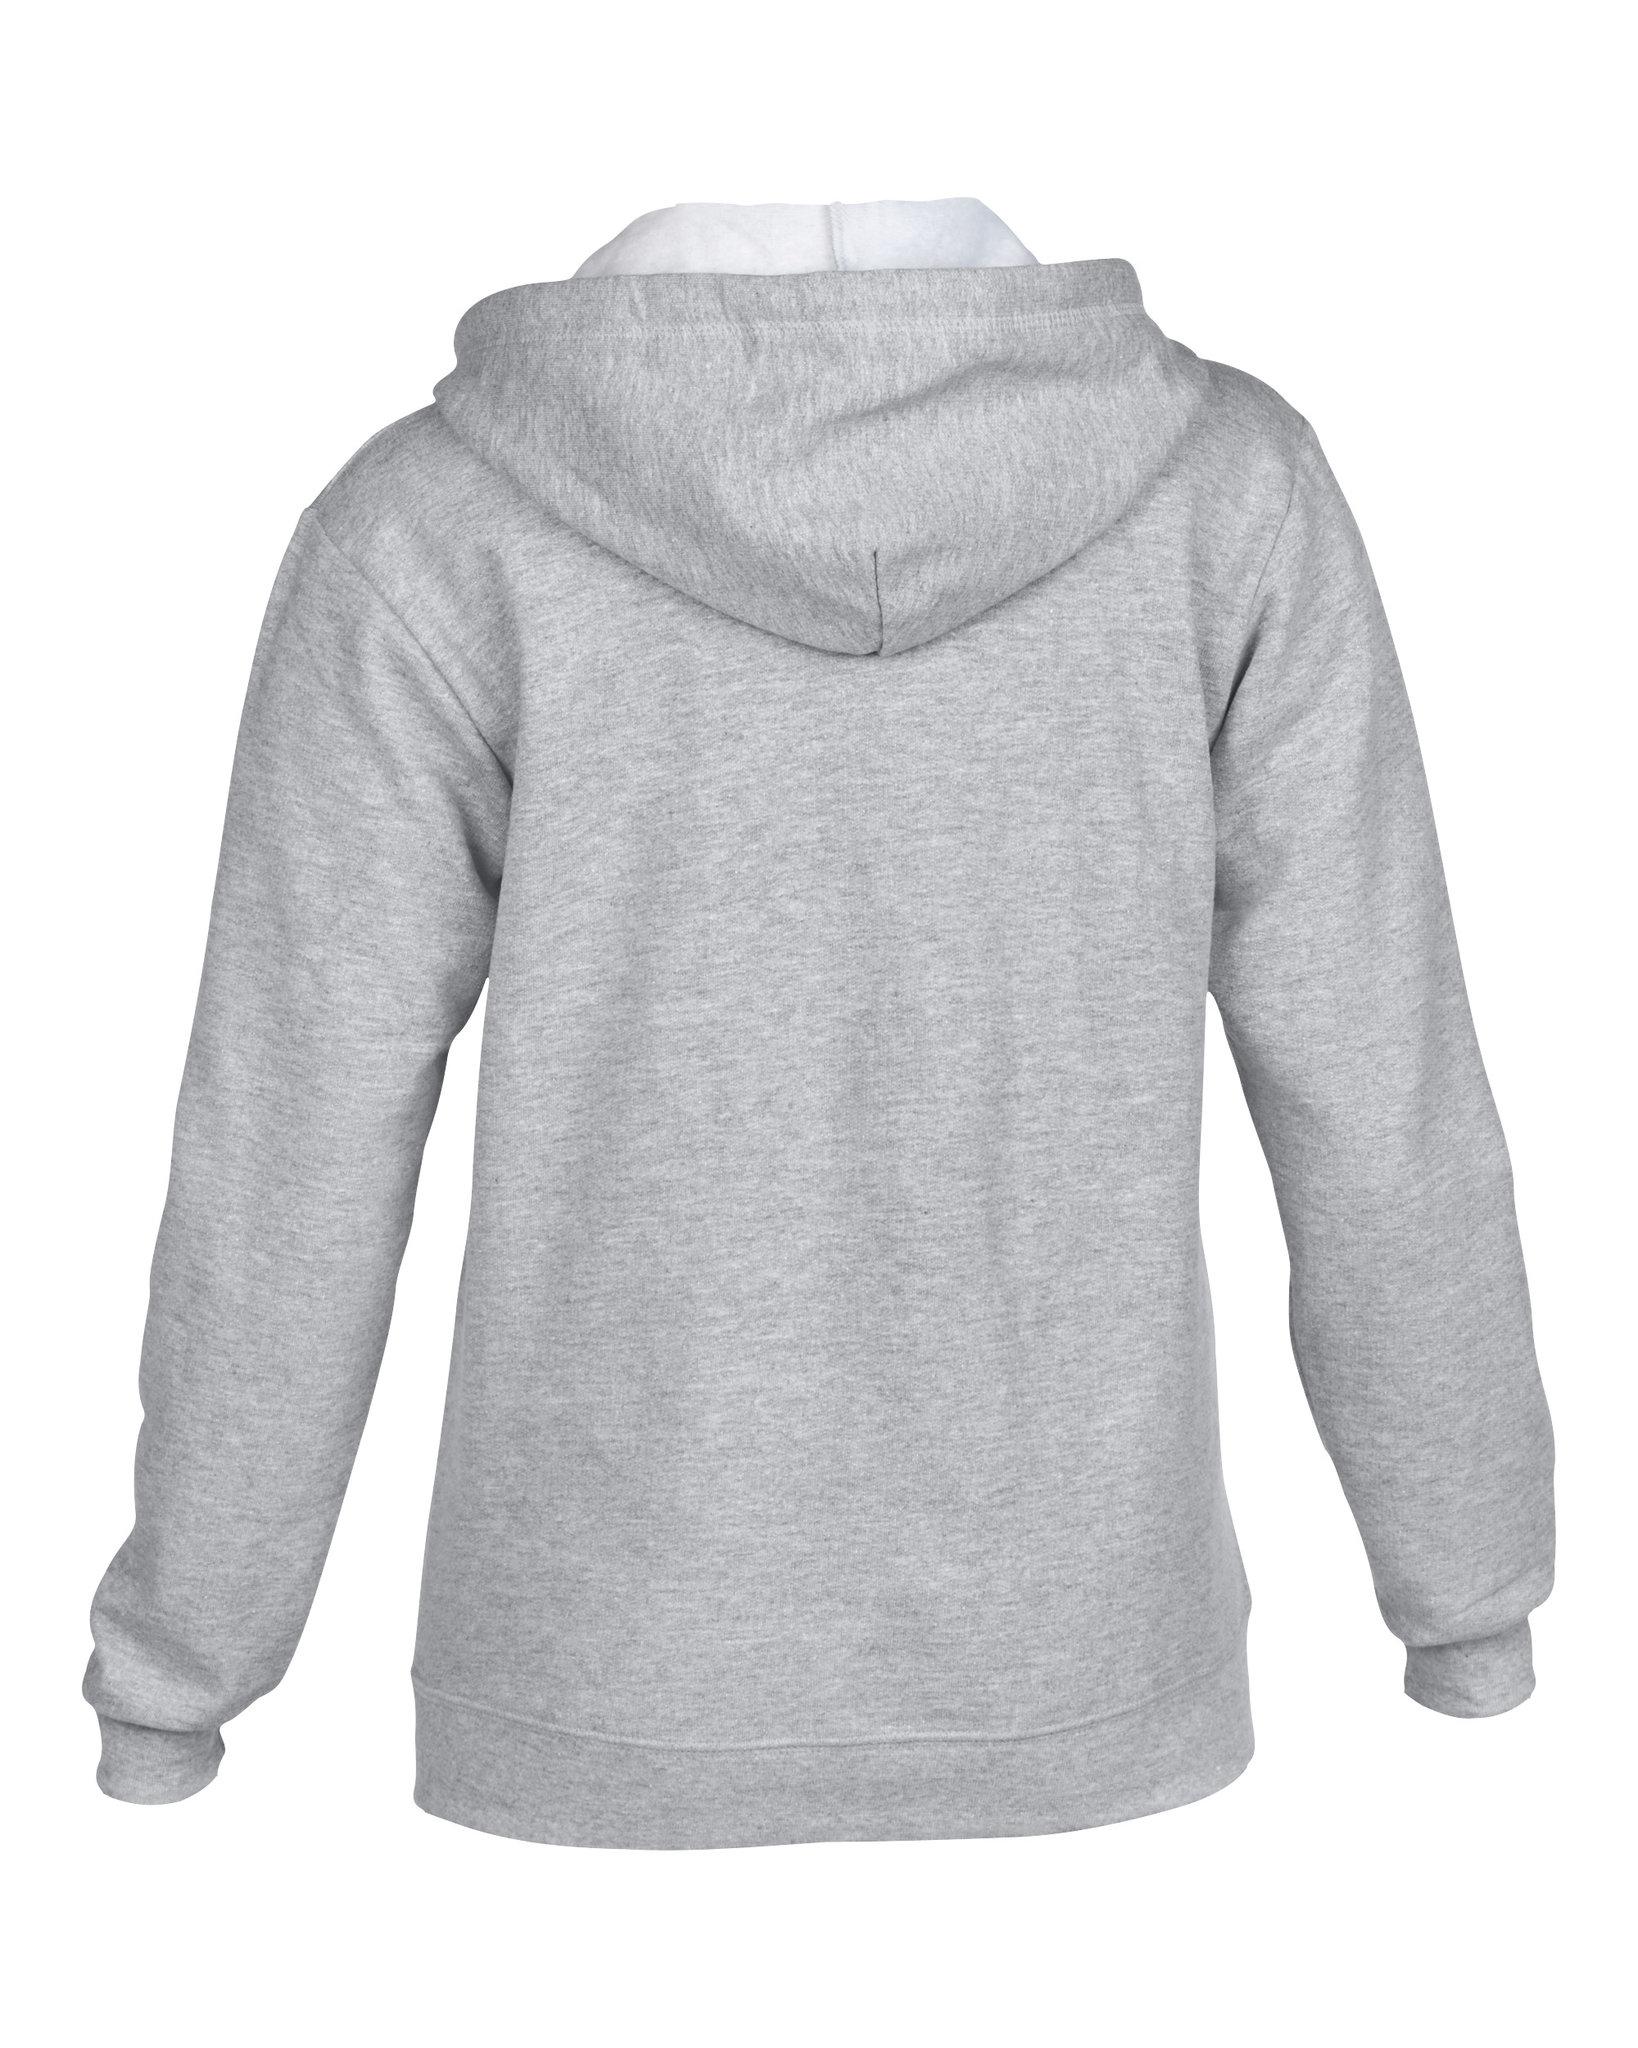 Sweatshirt publicitaire Heavy blendy gris - sweatshirt personnalisable